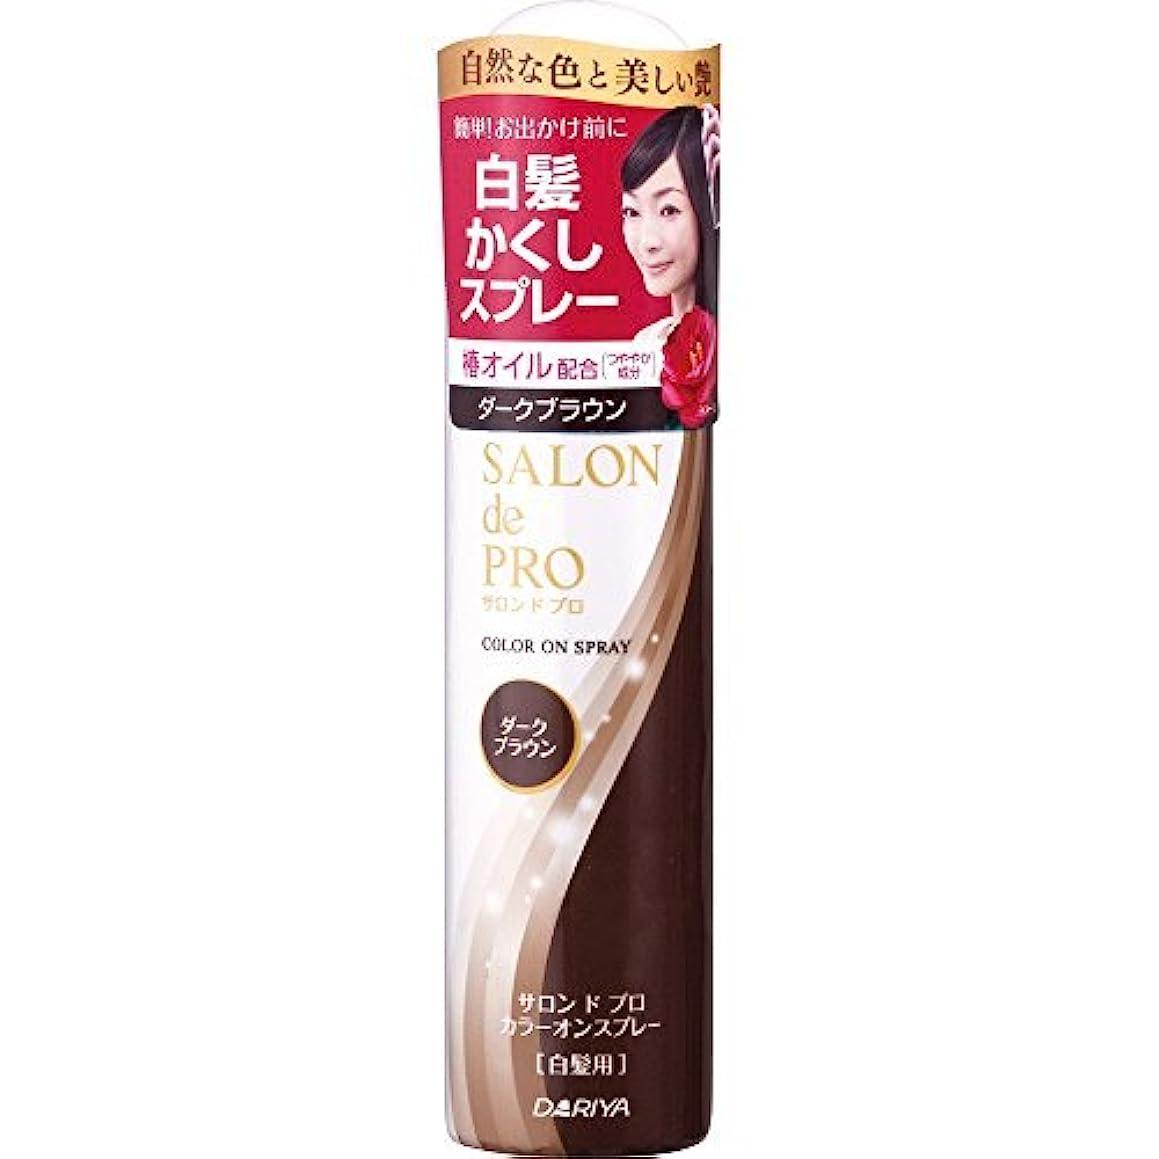 クアッガ痛い乳剤サロンドプロカラーオンスプレーダークブラウン × 6個セット